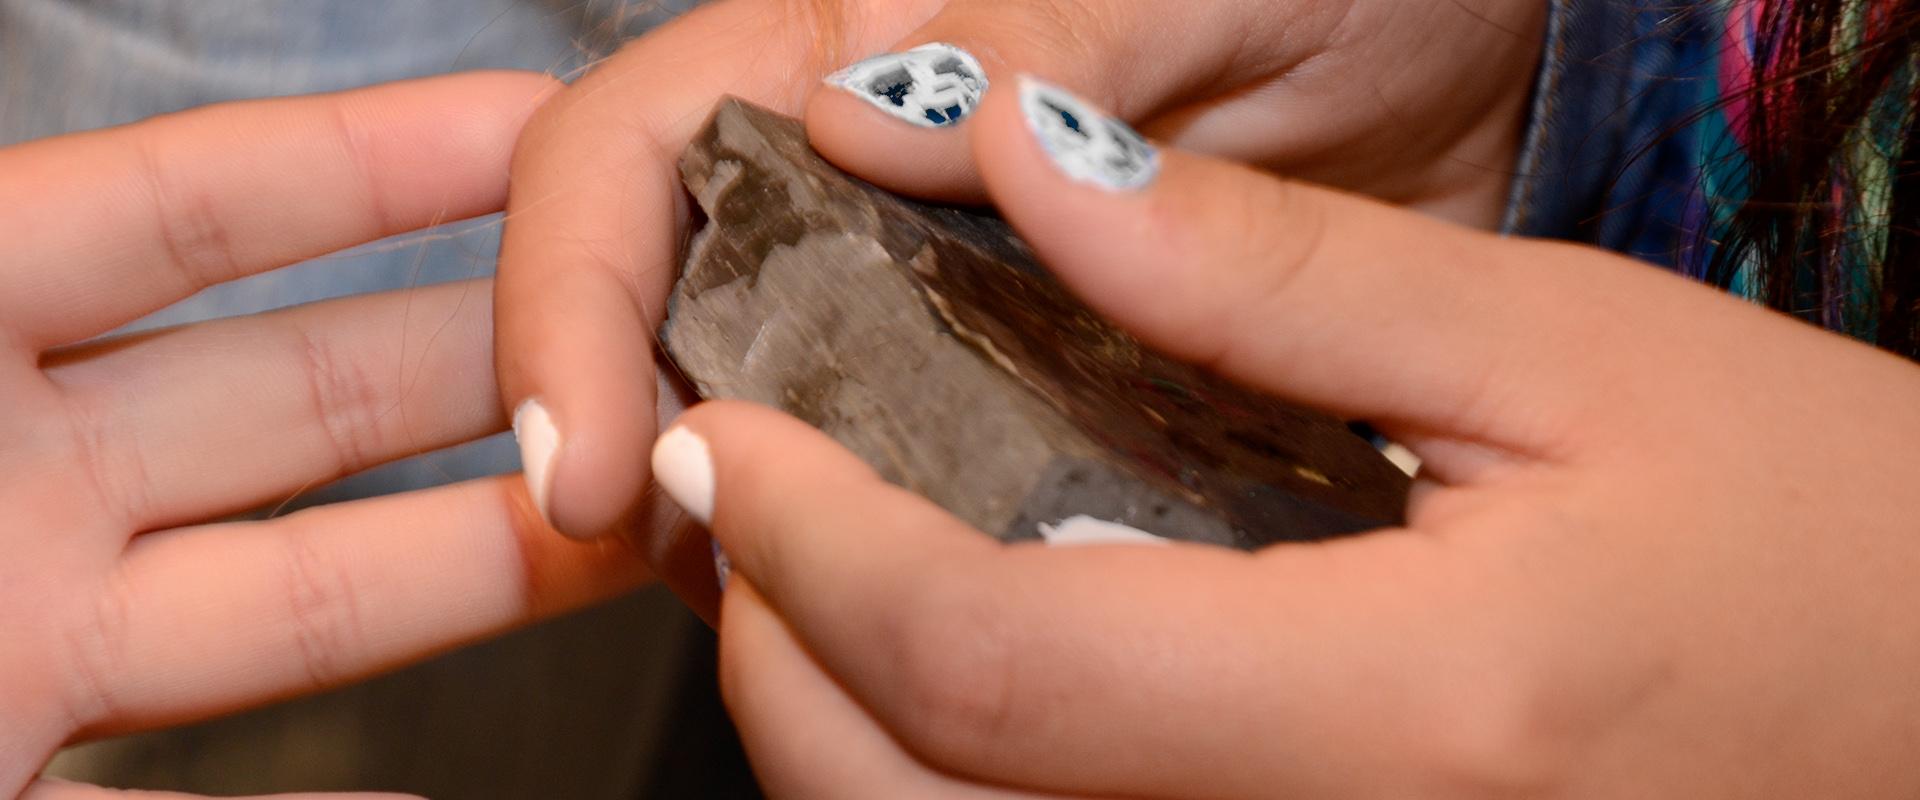 Identificação de minerais em amostras de mão